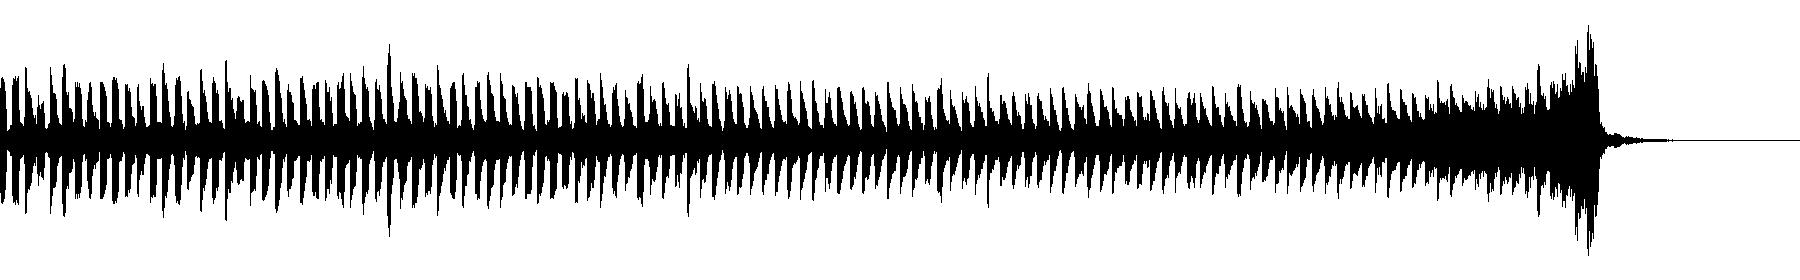 basic arp 140 bpm